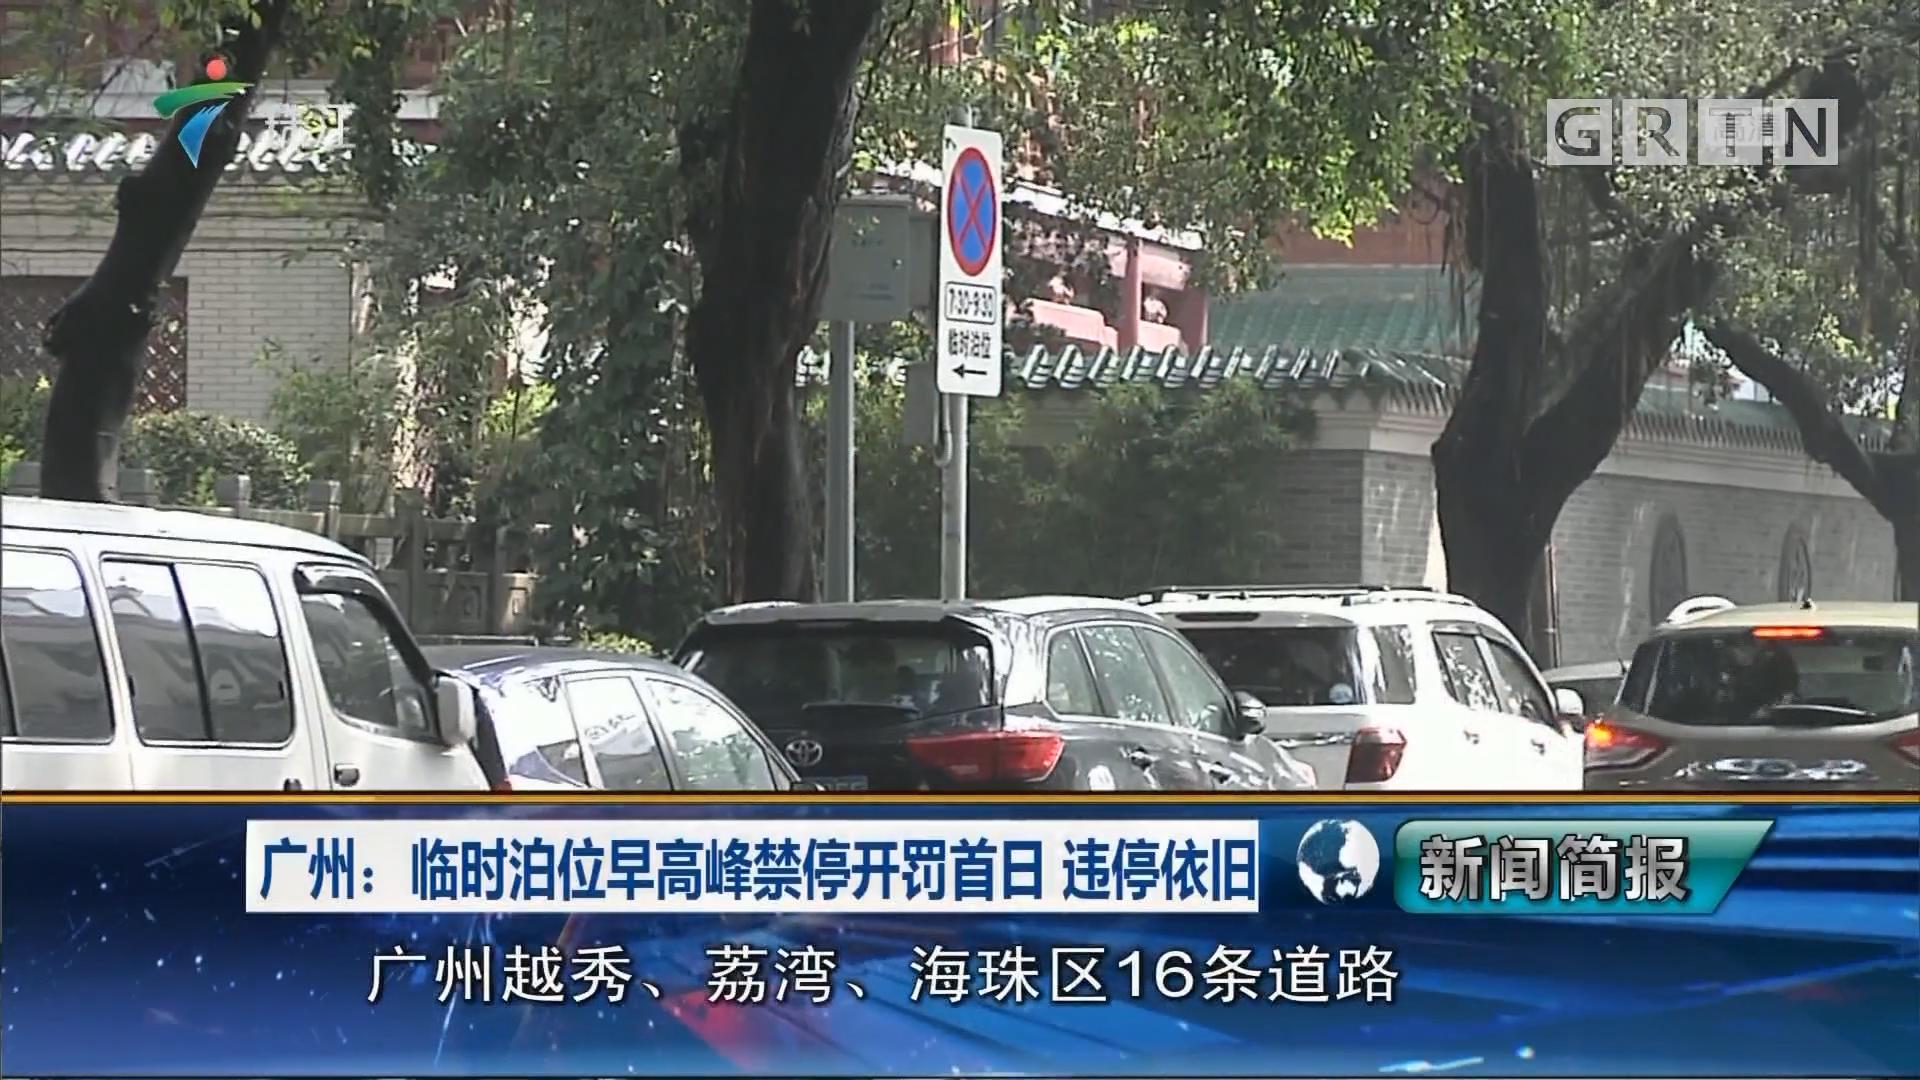 广州:临时泊位早高峰禁停开罚首日 违停依旧